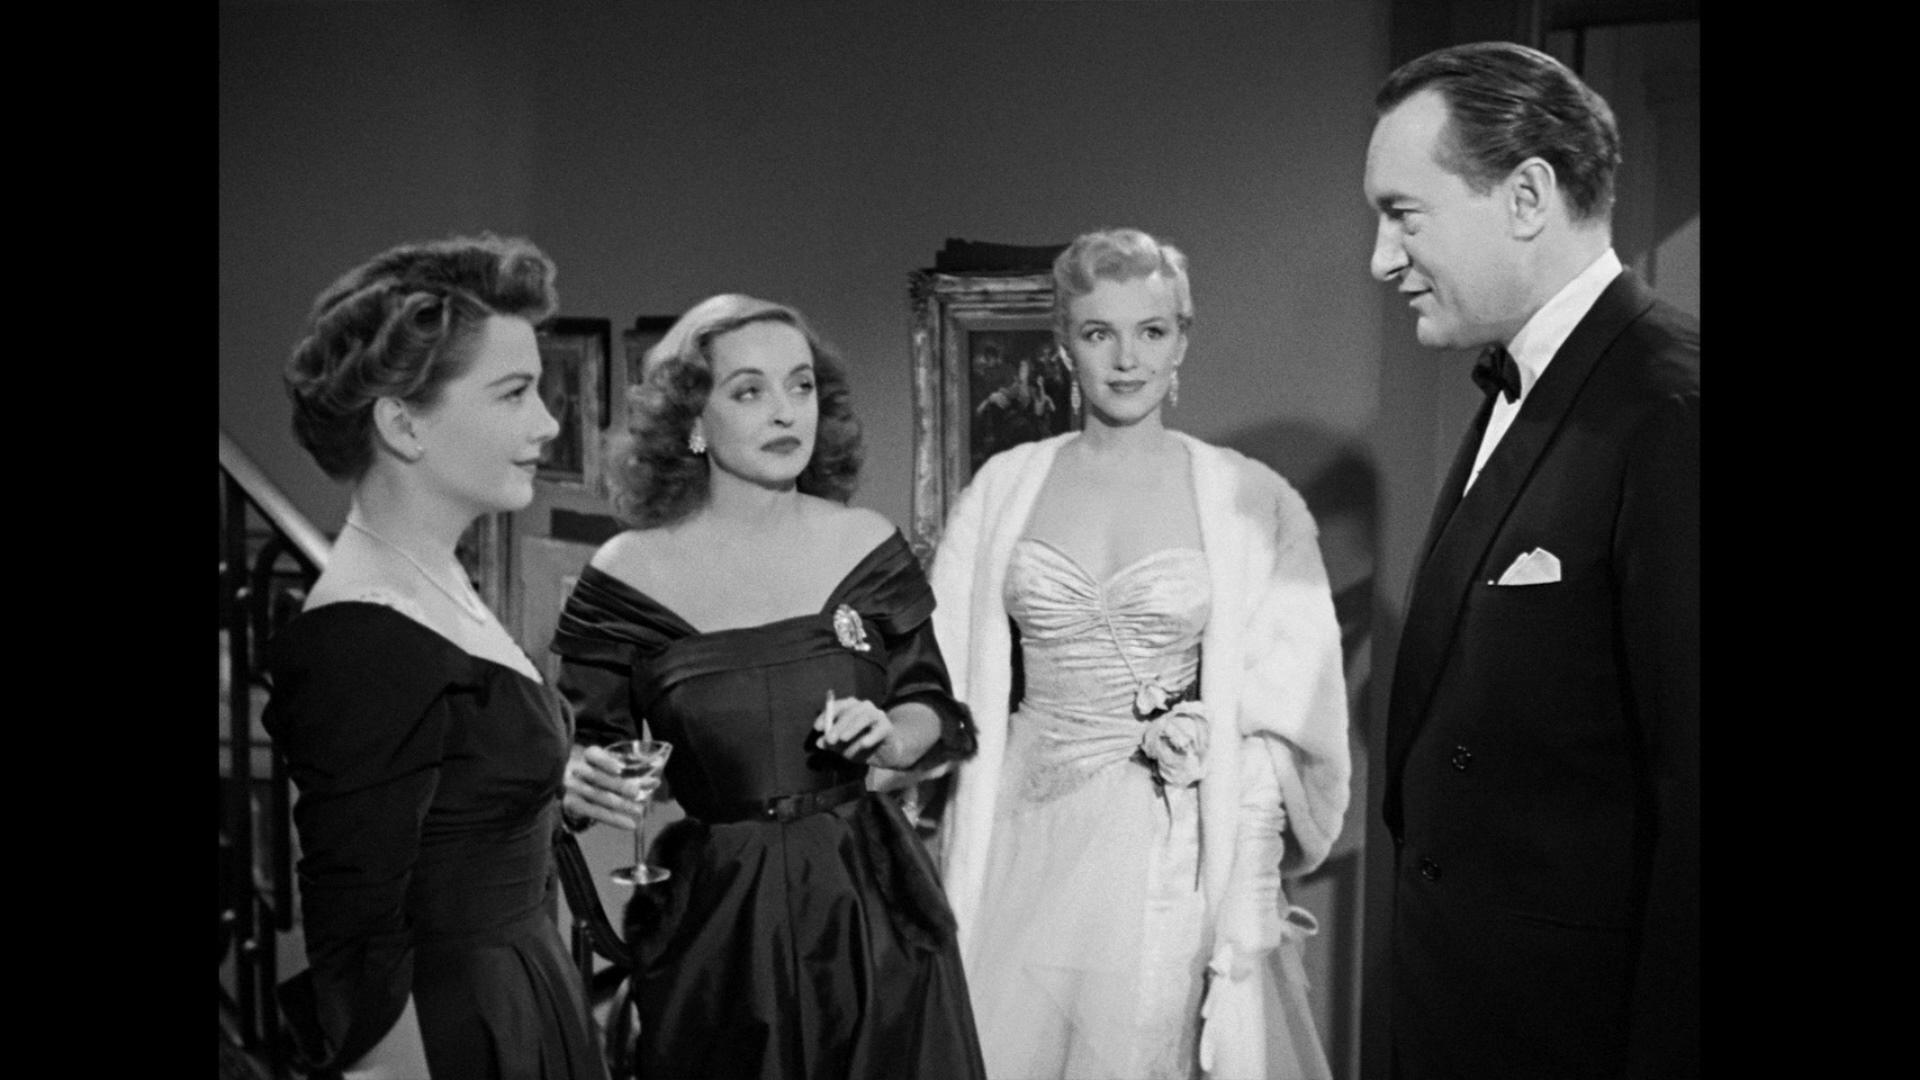 All About Eve: Anne Baxter, Bett Davis, Marilyn Monroe